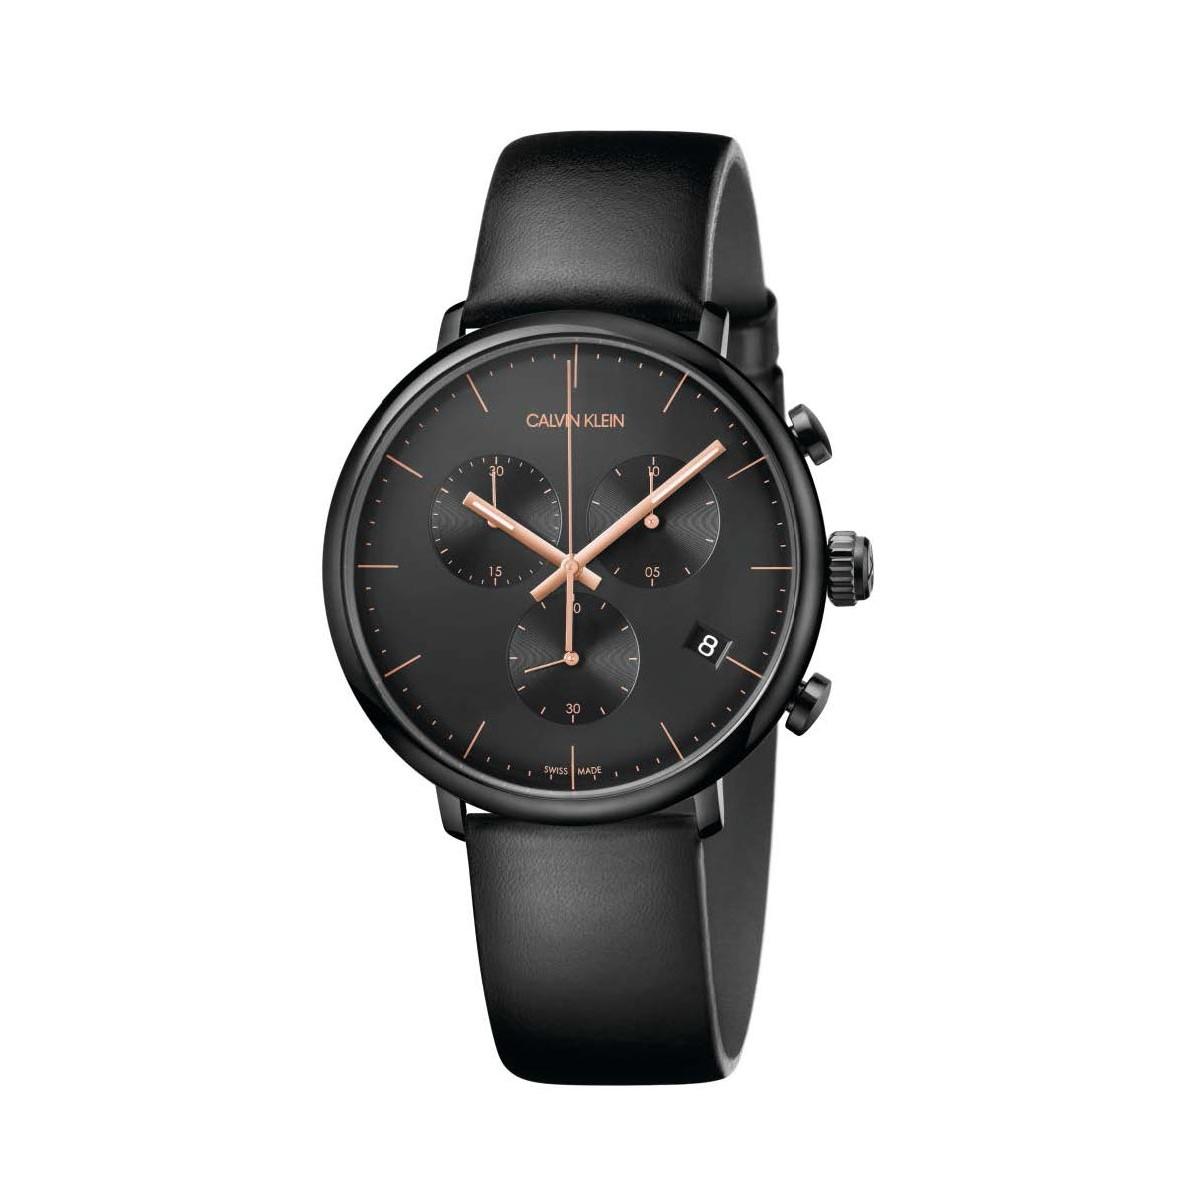 Đồng hồ Calvin Klein K8M274CB Nam 43mm, Quartz (Pin), Thép không gỉ, mạ PVD